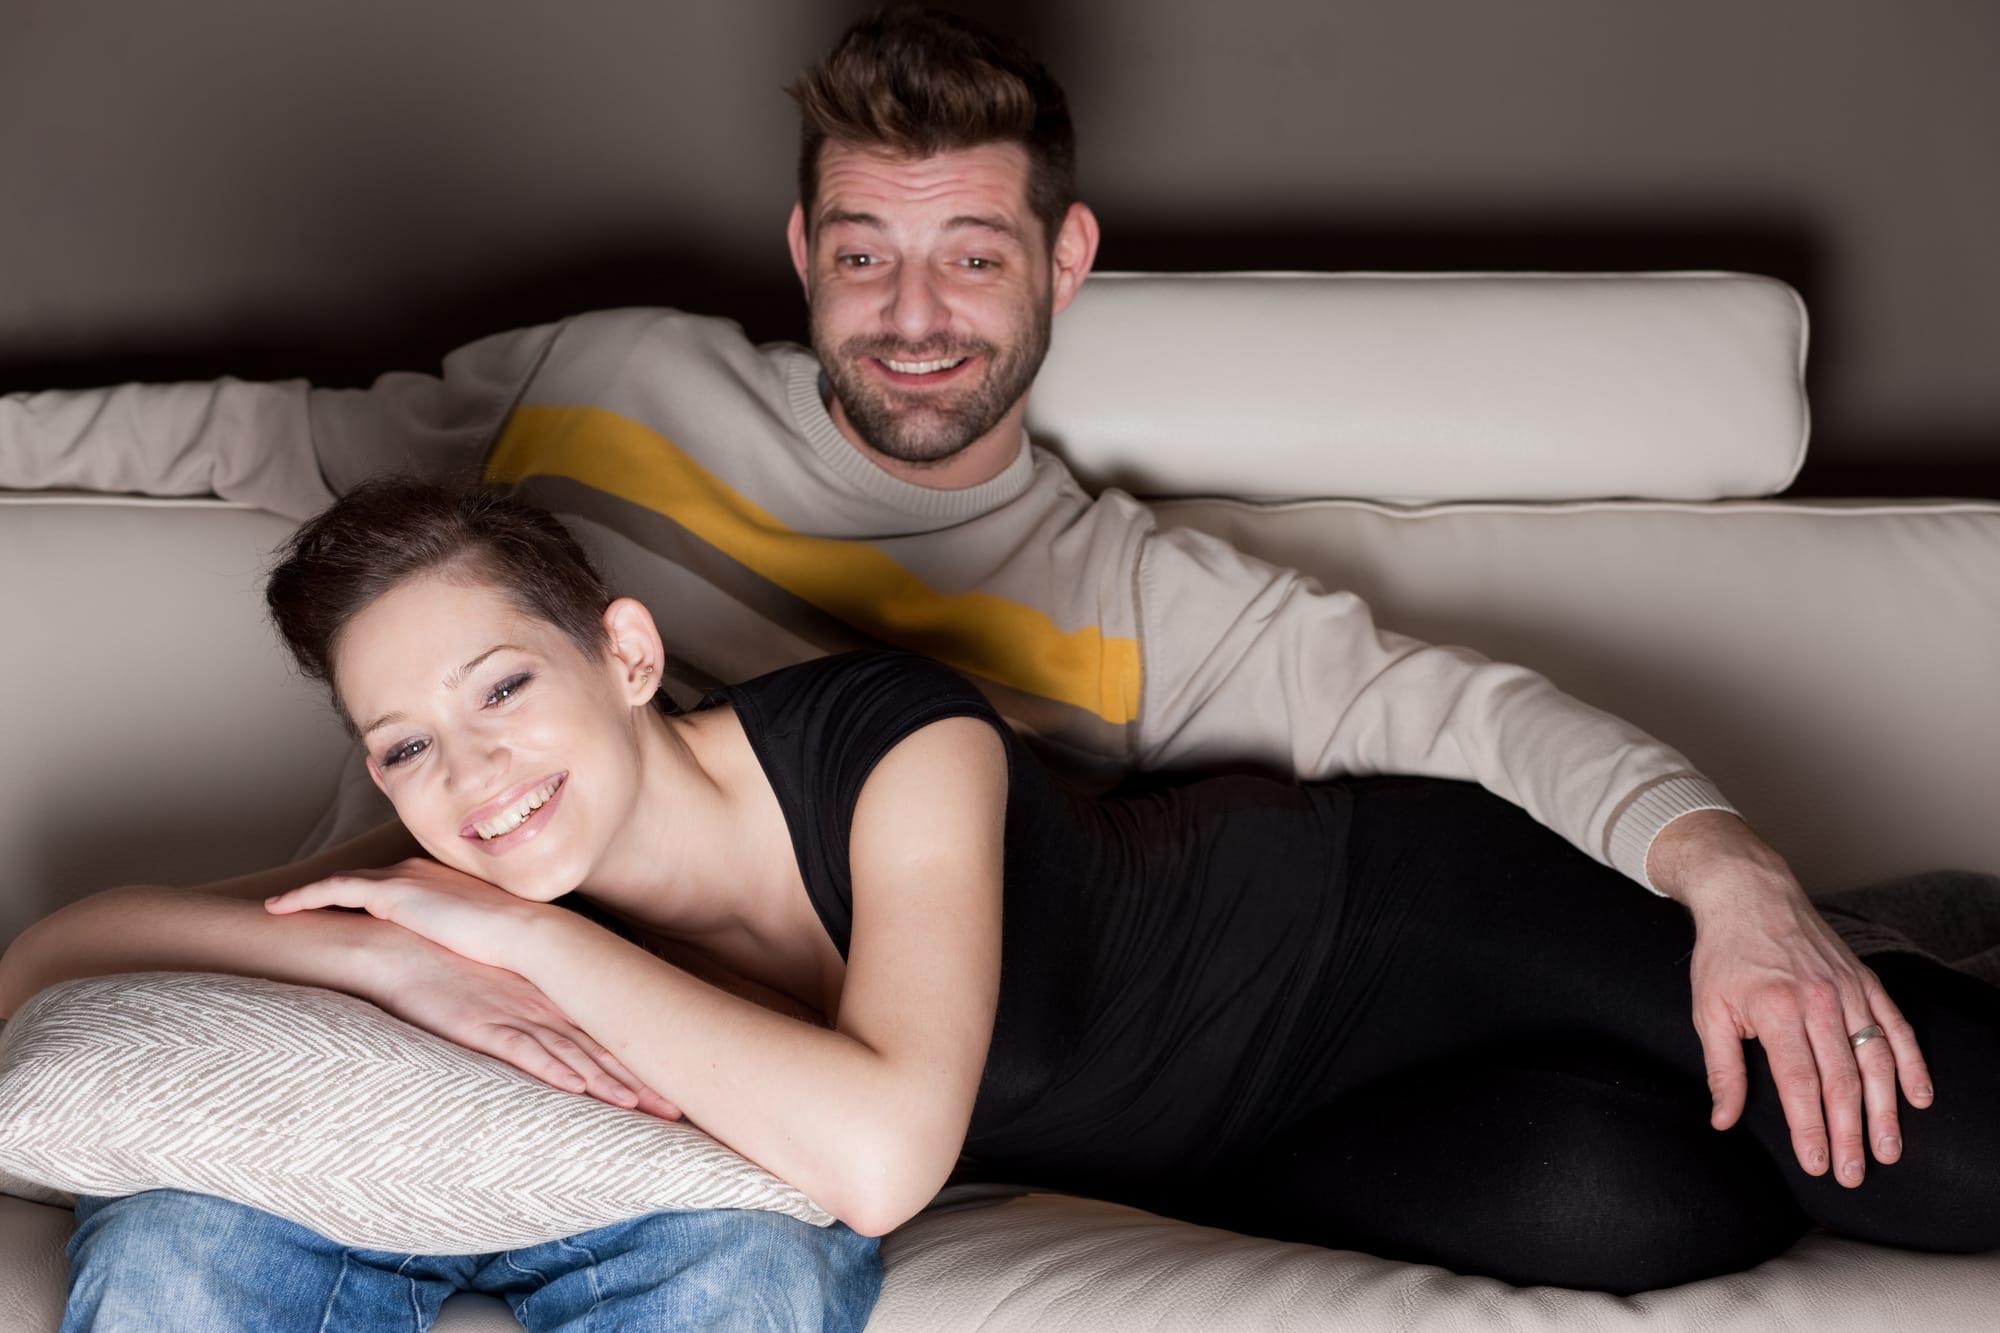 мужик с бабой на диване нашего замужества прошло